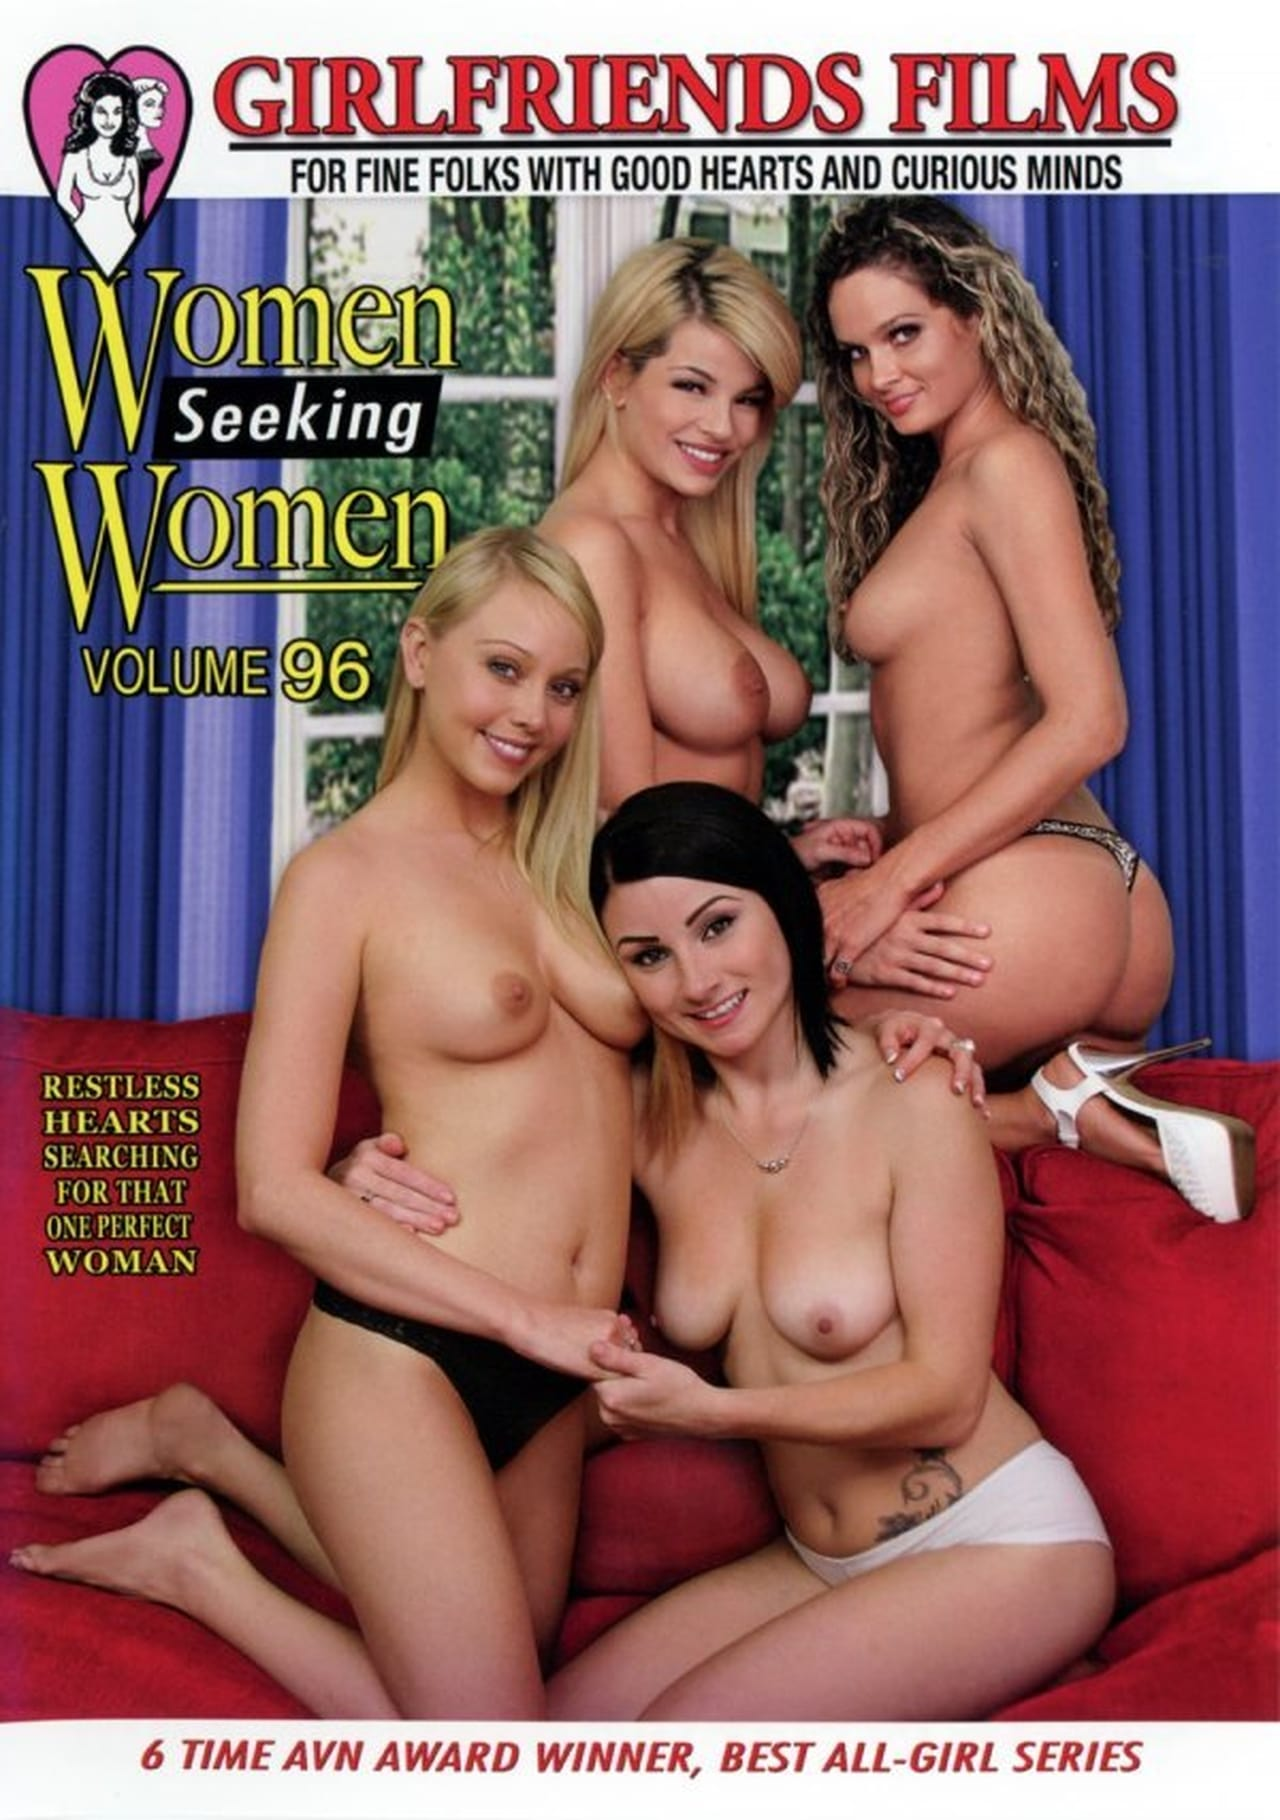 Women Seeking Women 96